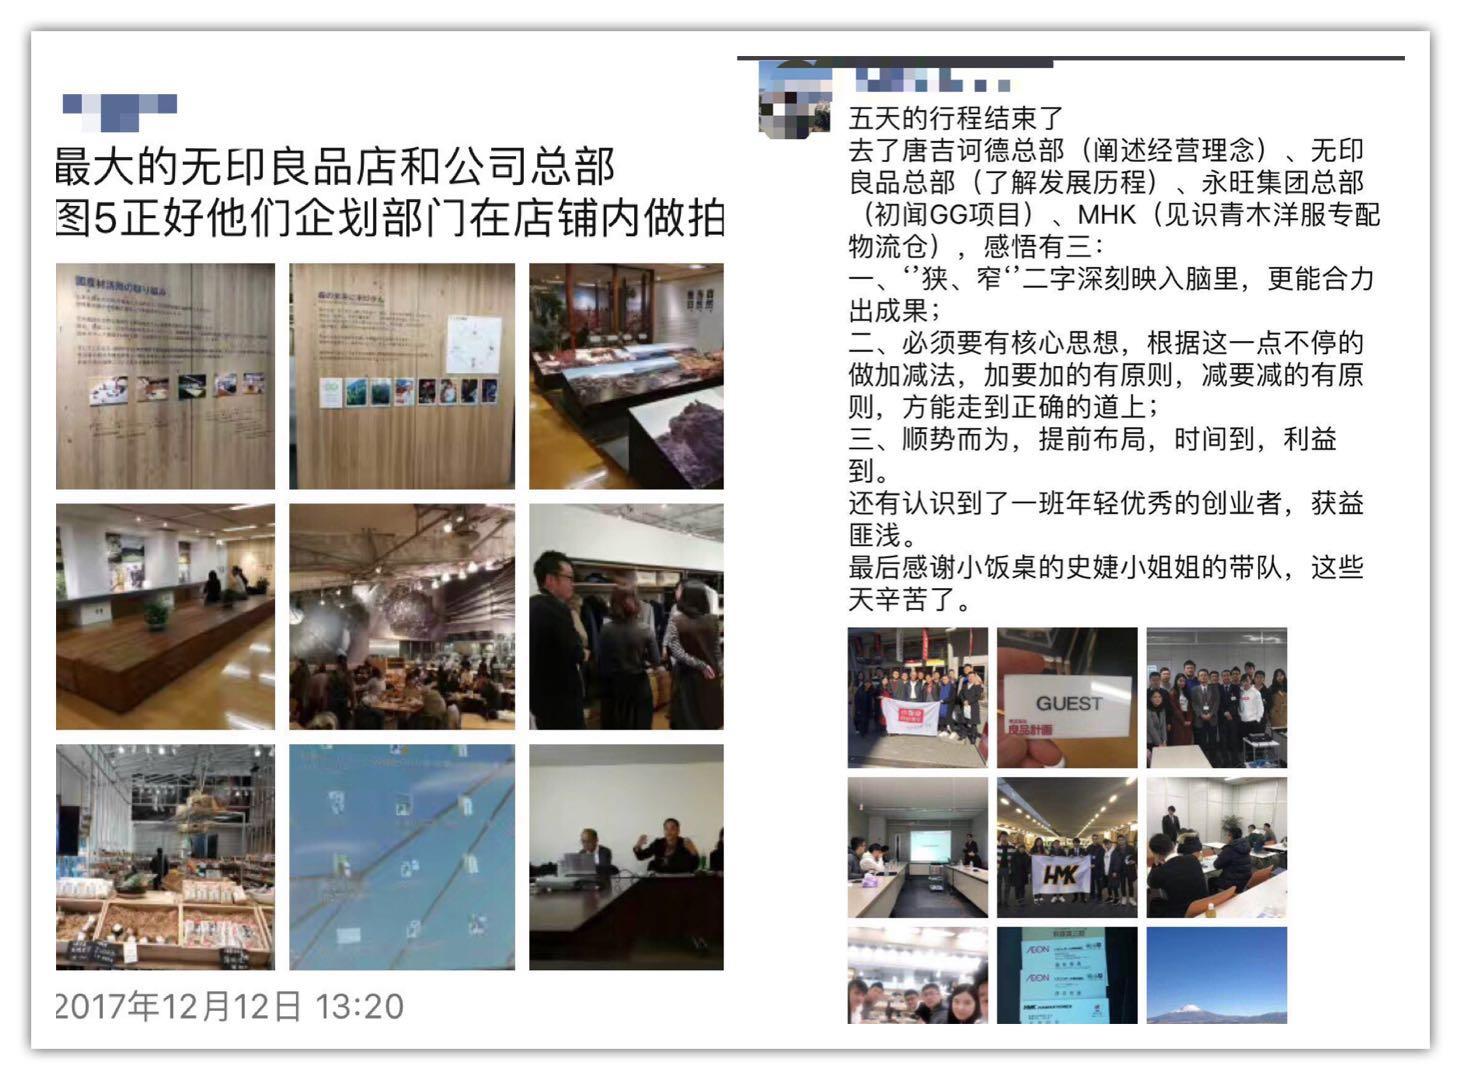 多元化企业体验的课程图片